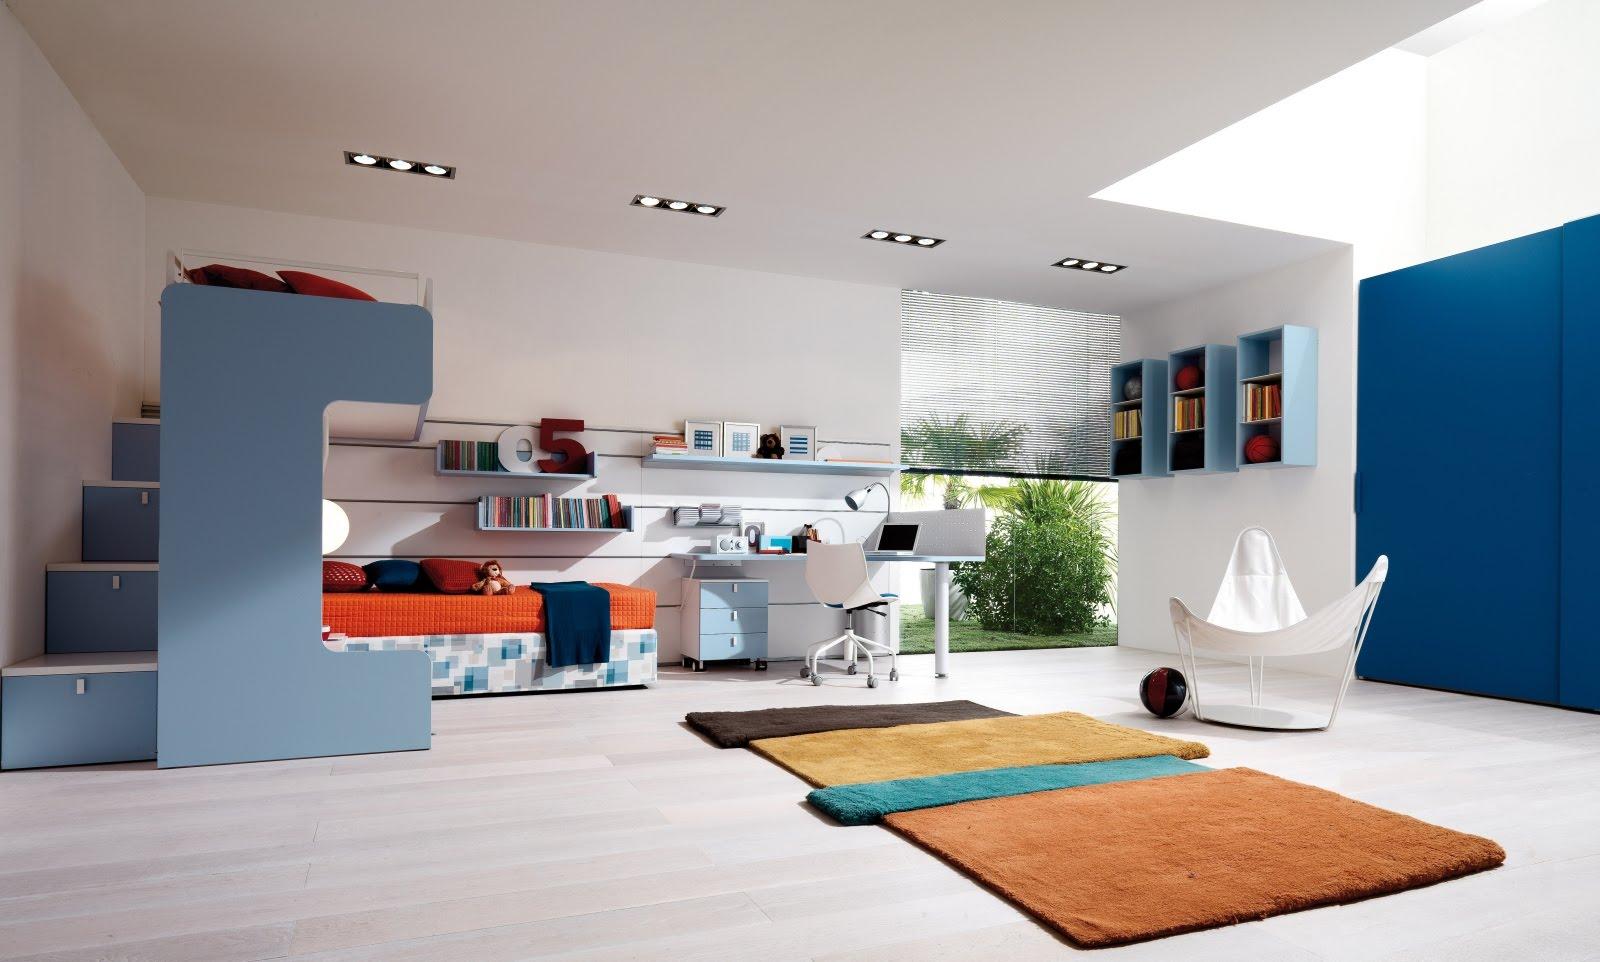 Teenage Room Decor Ideas | My Decorative on Teenage Room Decor Things  id=38441